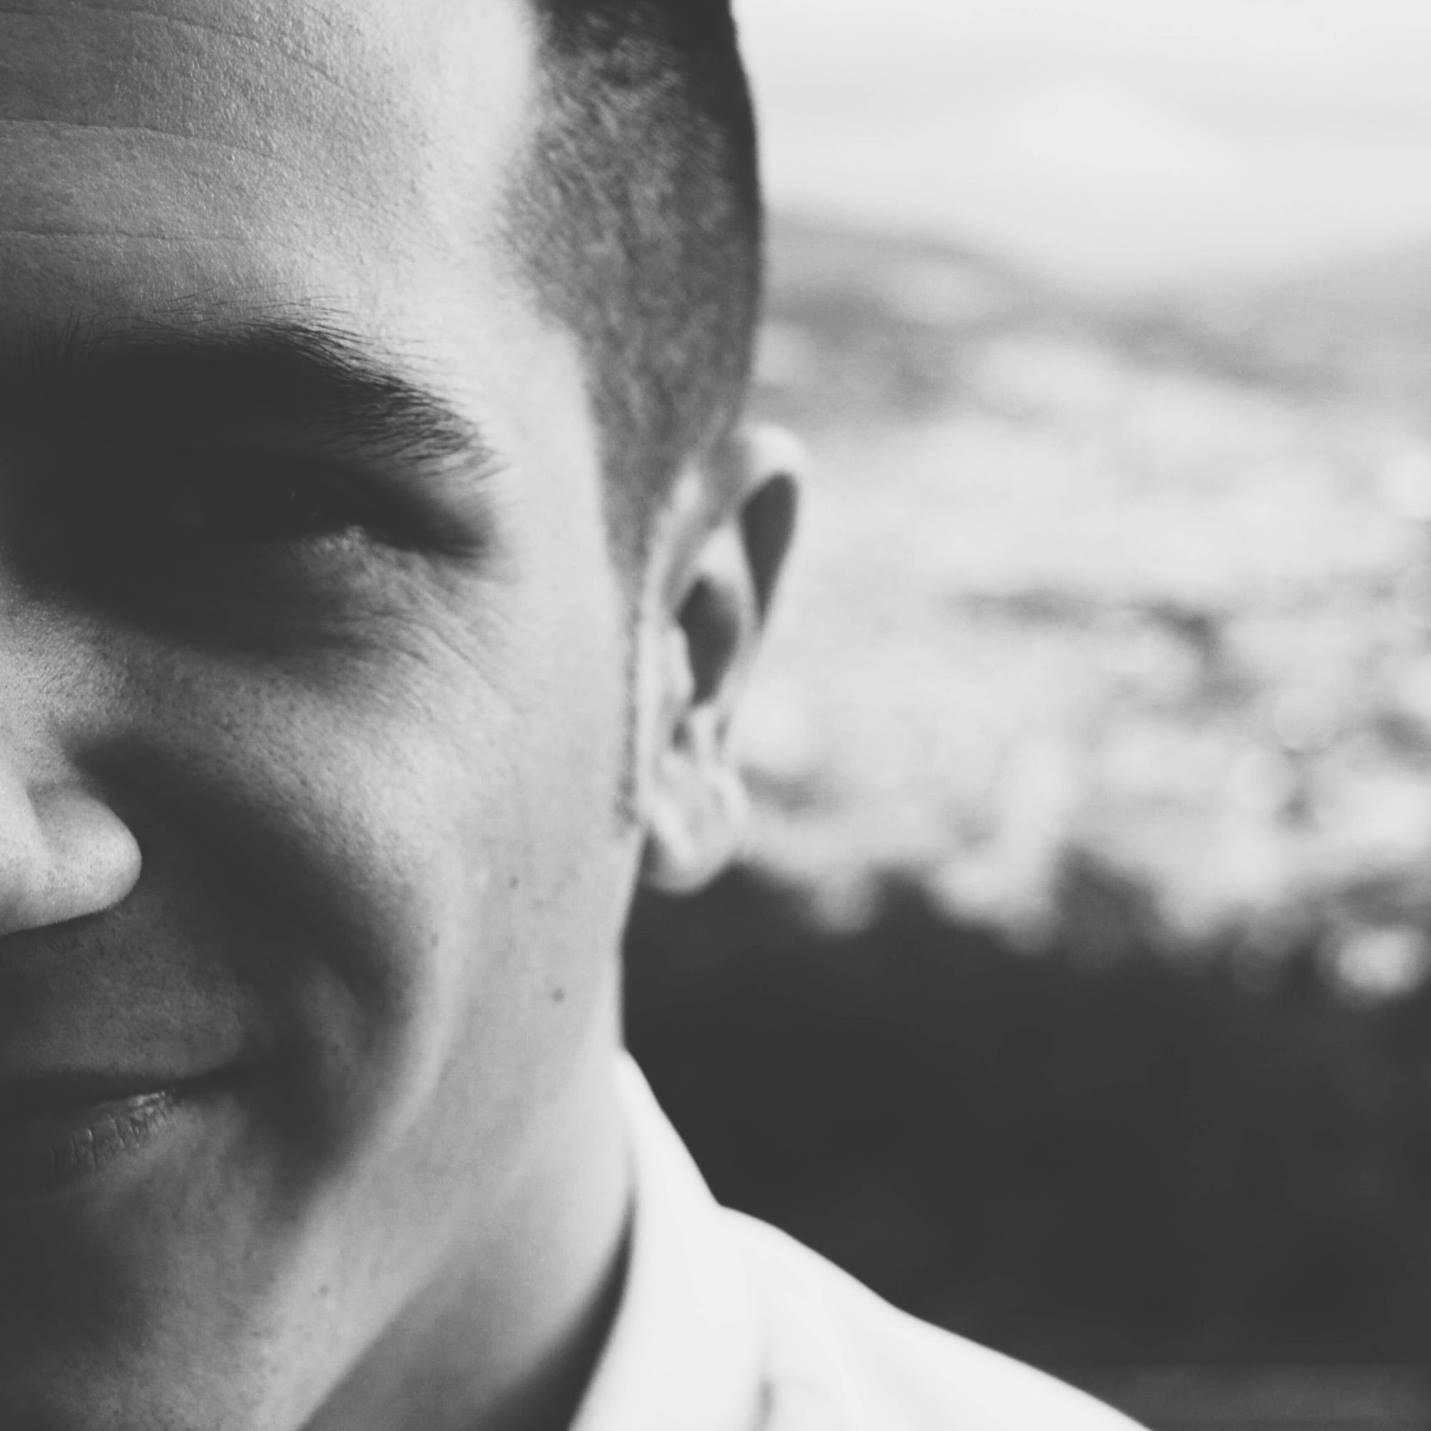 Go to Diego Jimenez's profile